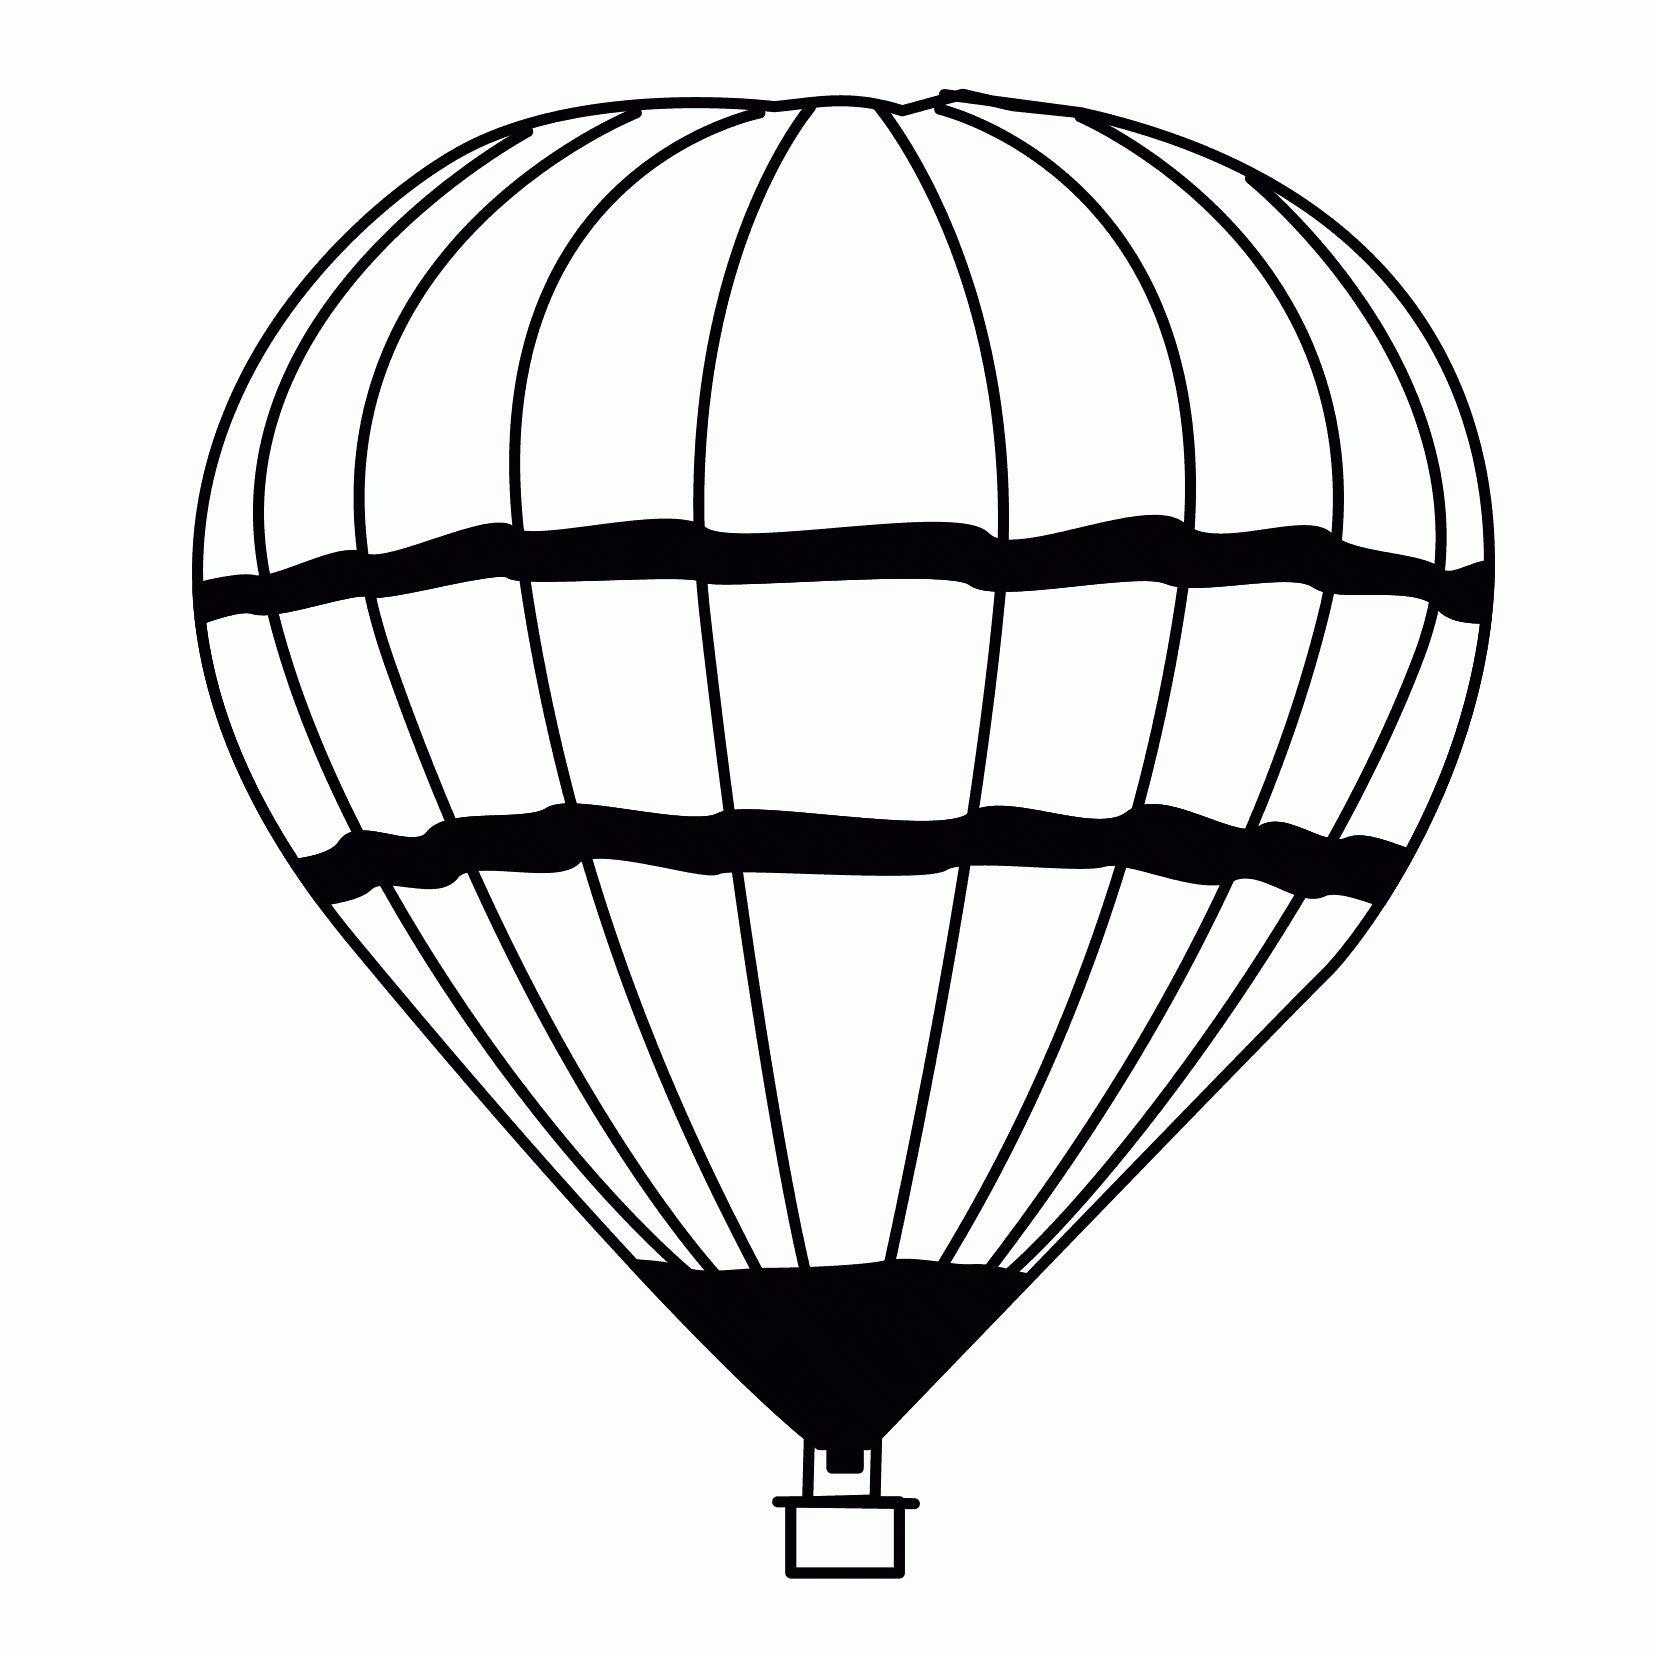 9 Besser Malvorlage Heißluftballon Idee 9  Malvorlagen